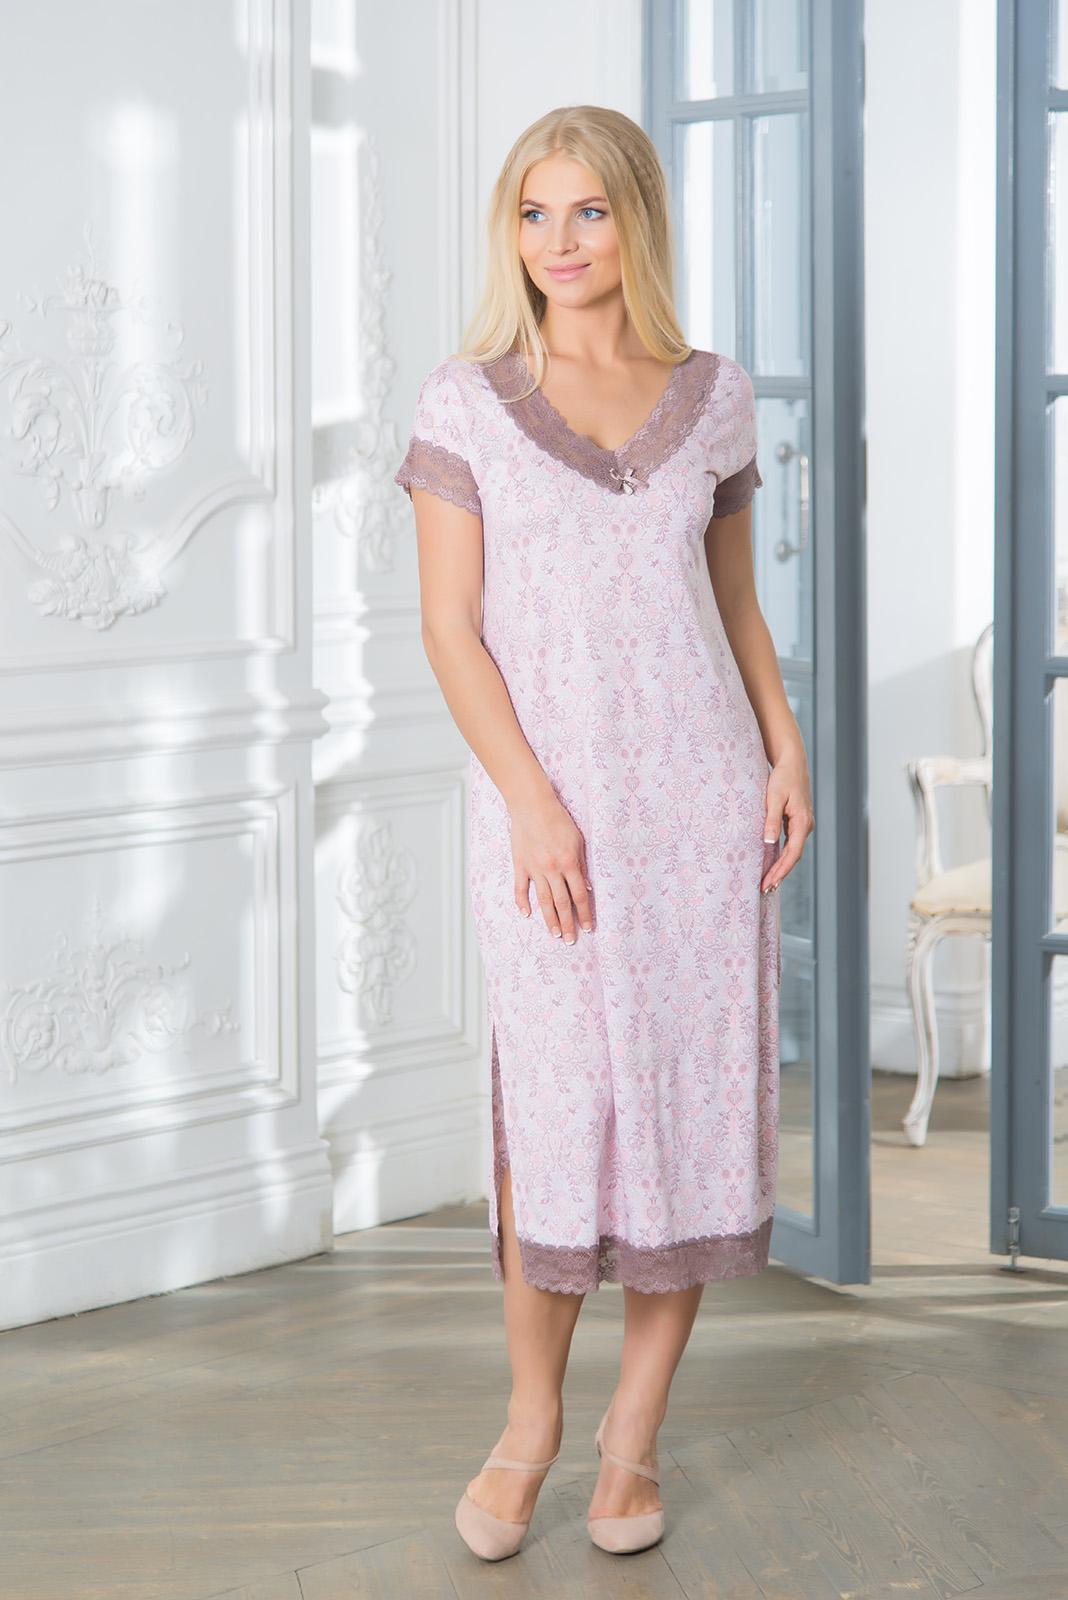 Ночные сорочки Mia Cara Ночная сорочка Meryle Цвет: Сиреневый (S) пижама жен mia cara майка шорты botanical aw15 ubl lst 264 р 42 44 1119503